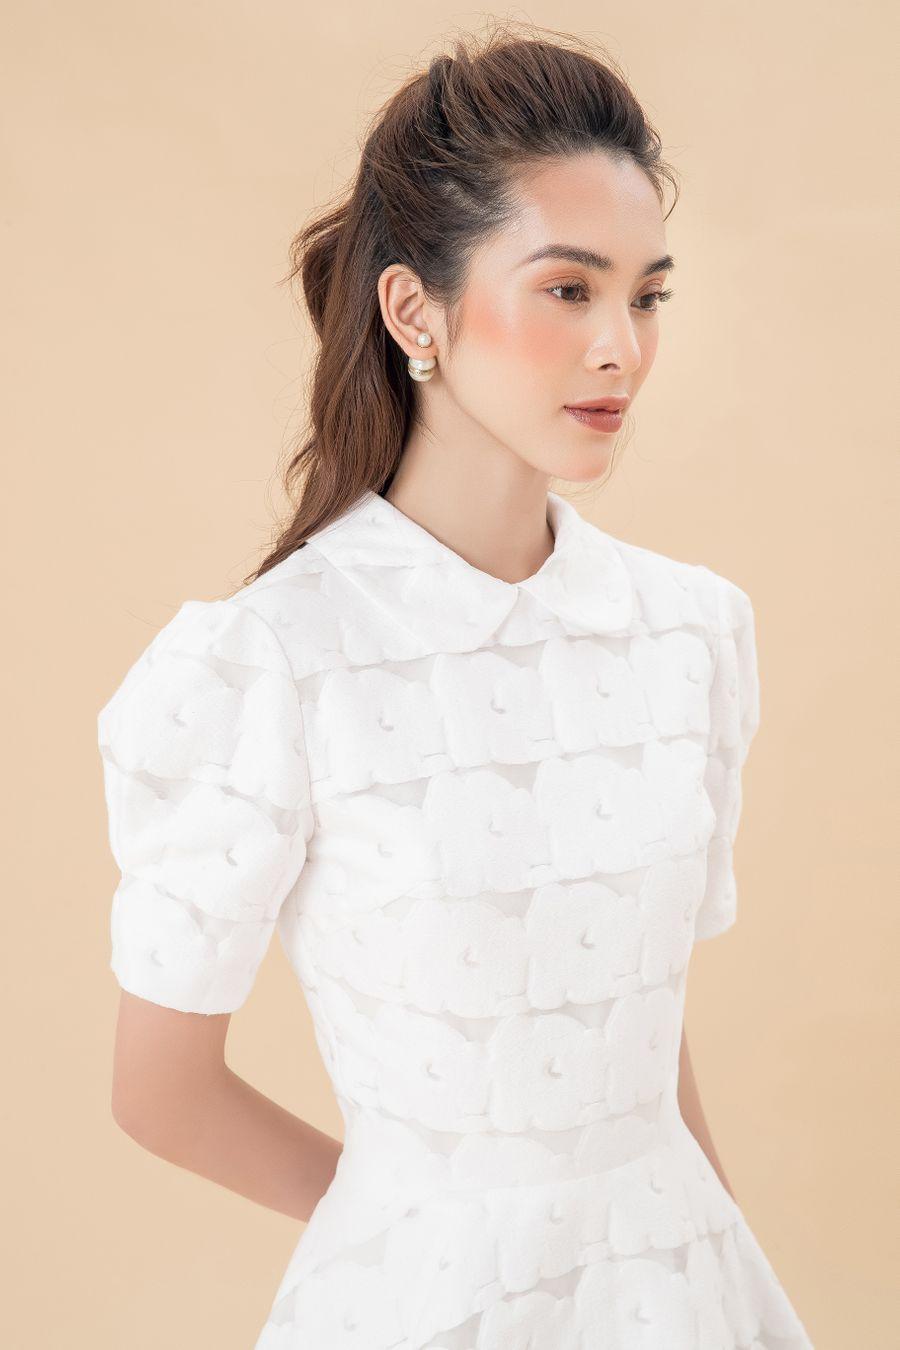 White on white - mặc như thế nào? 7